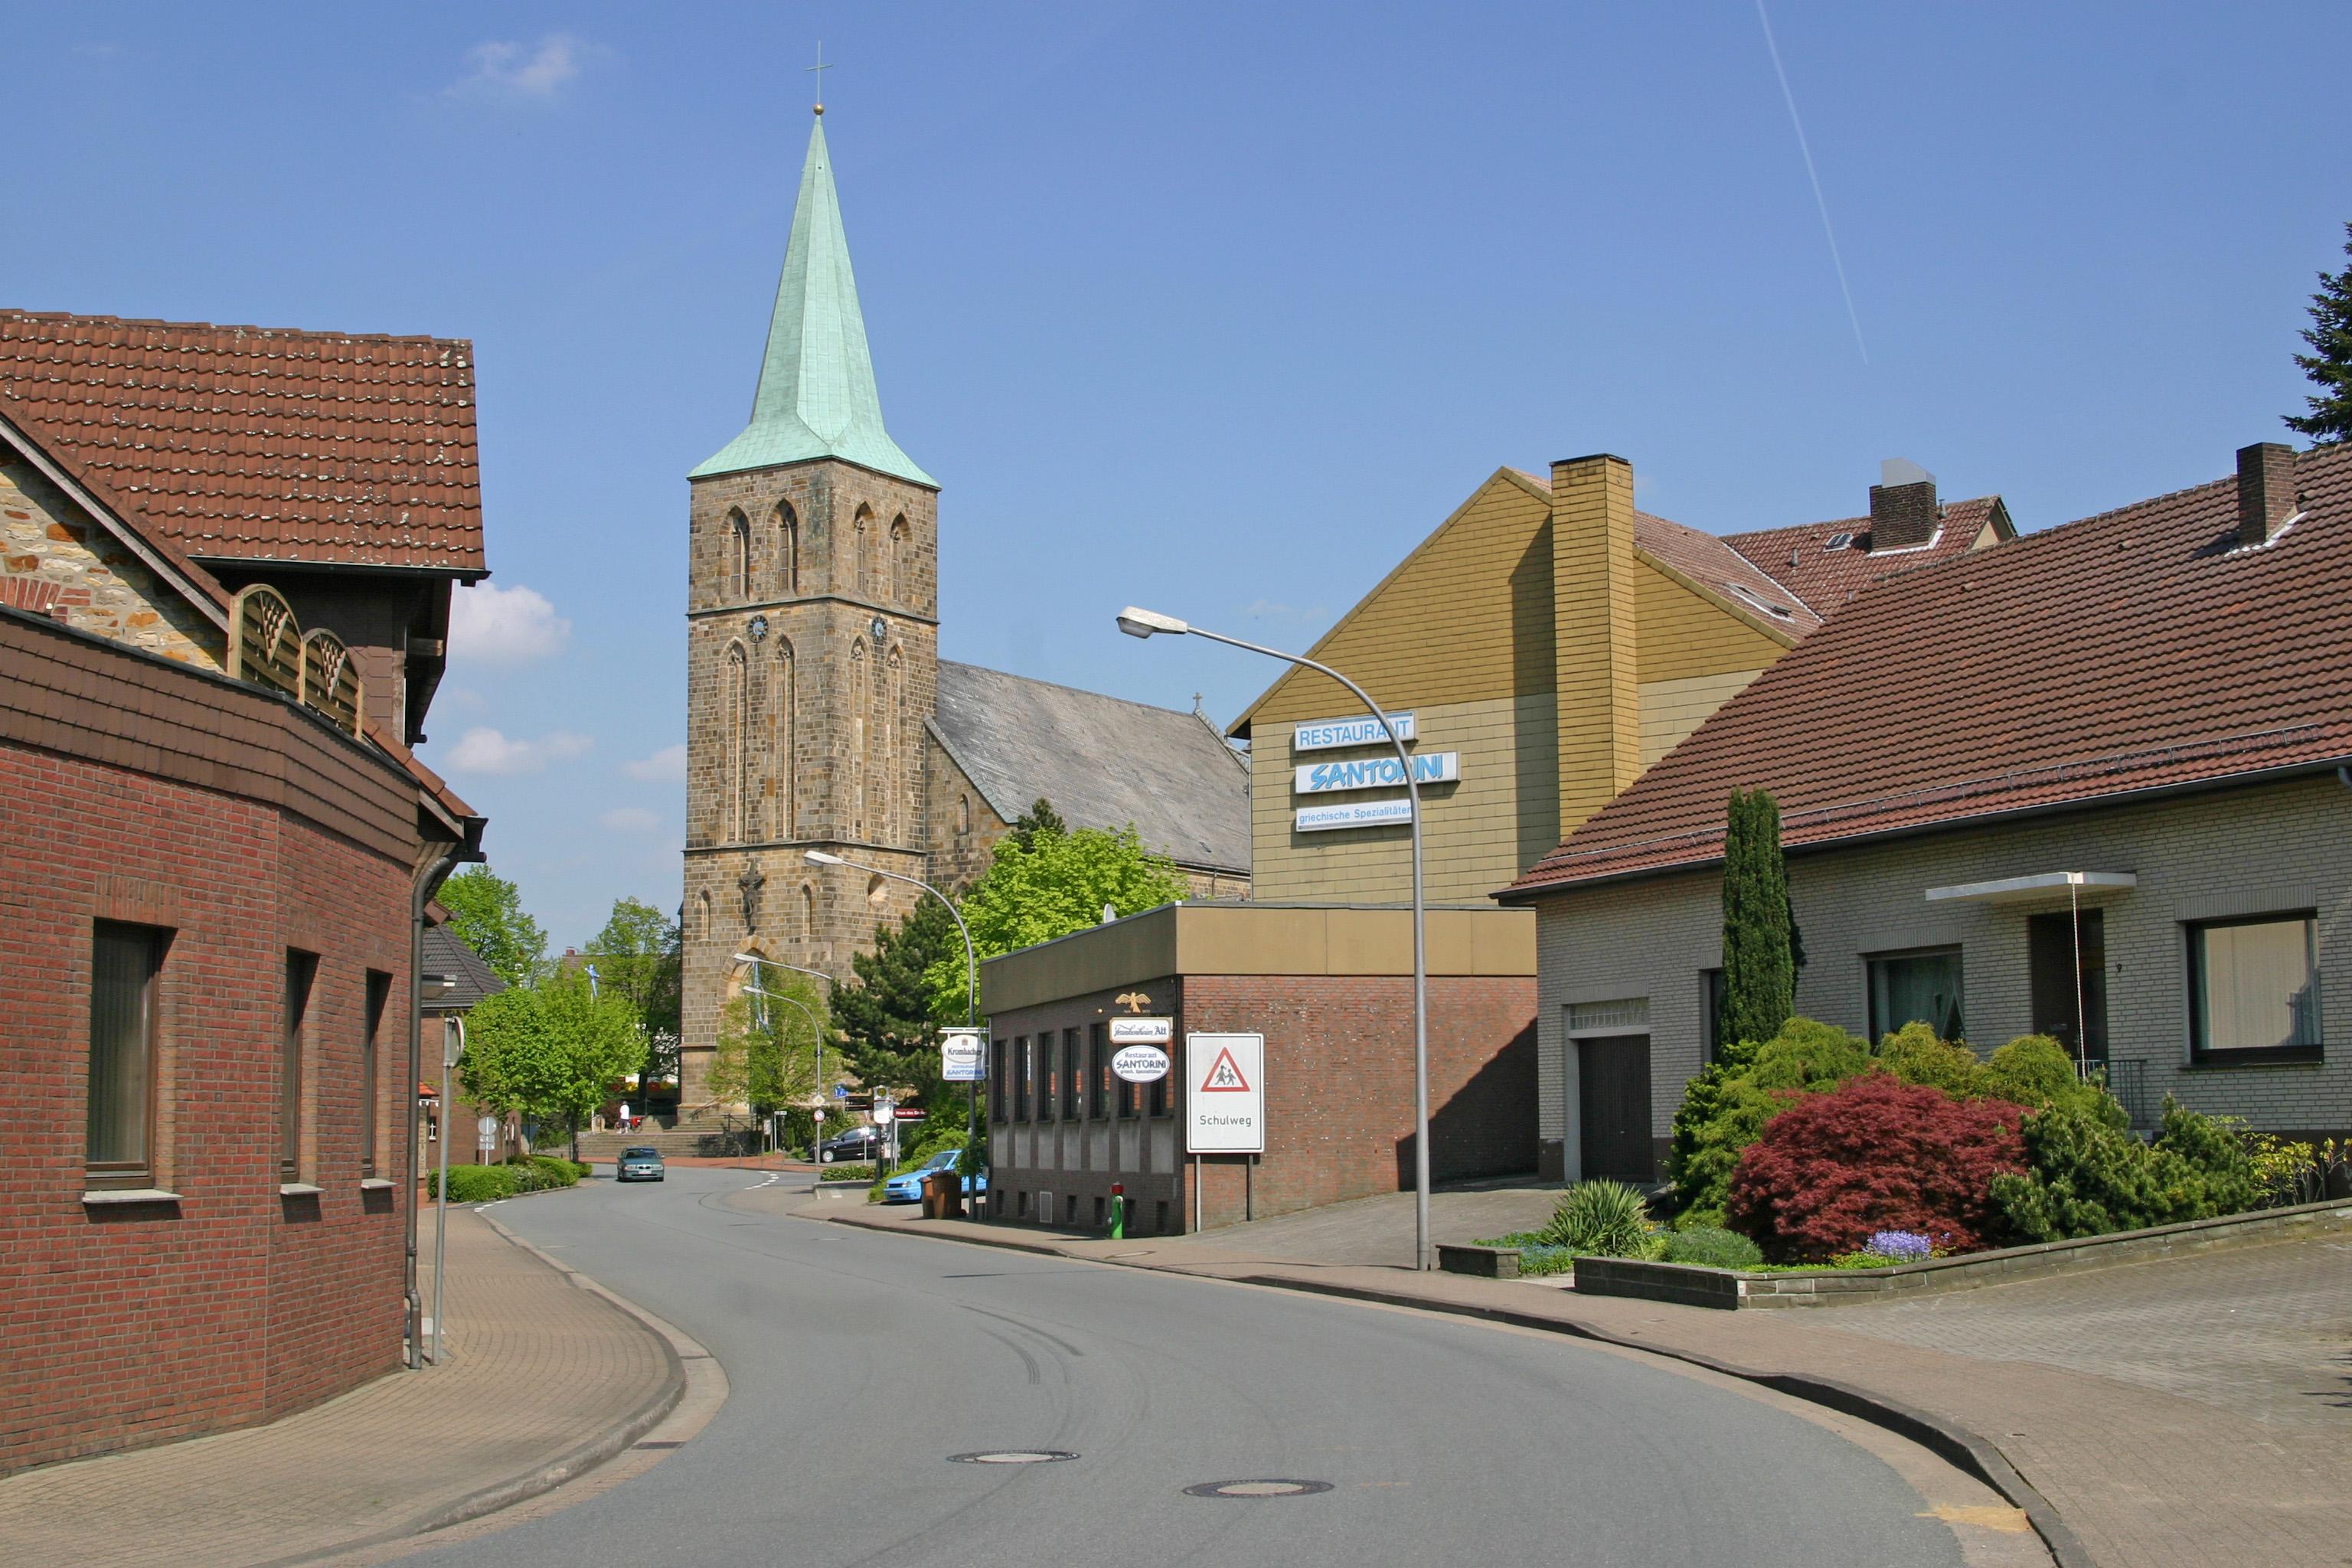 Wellingholzhausen